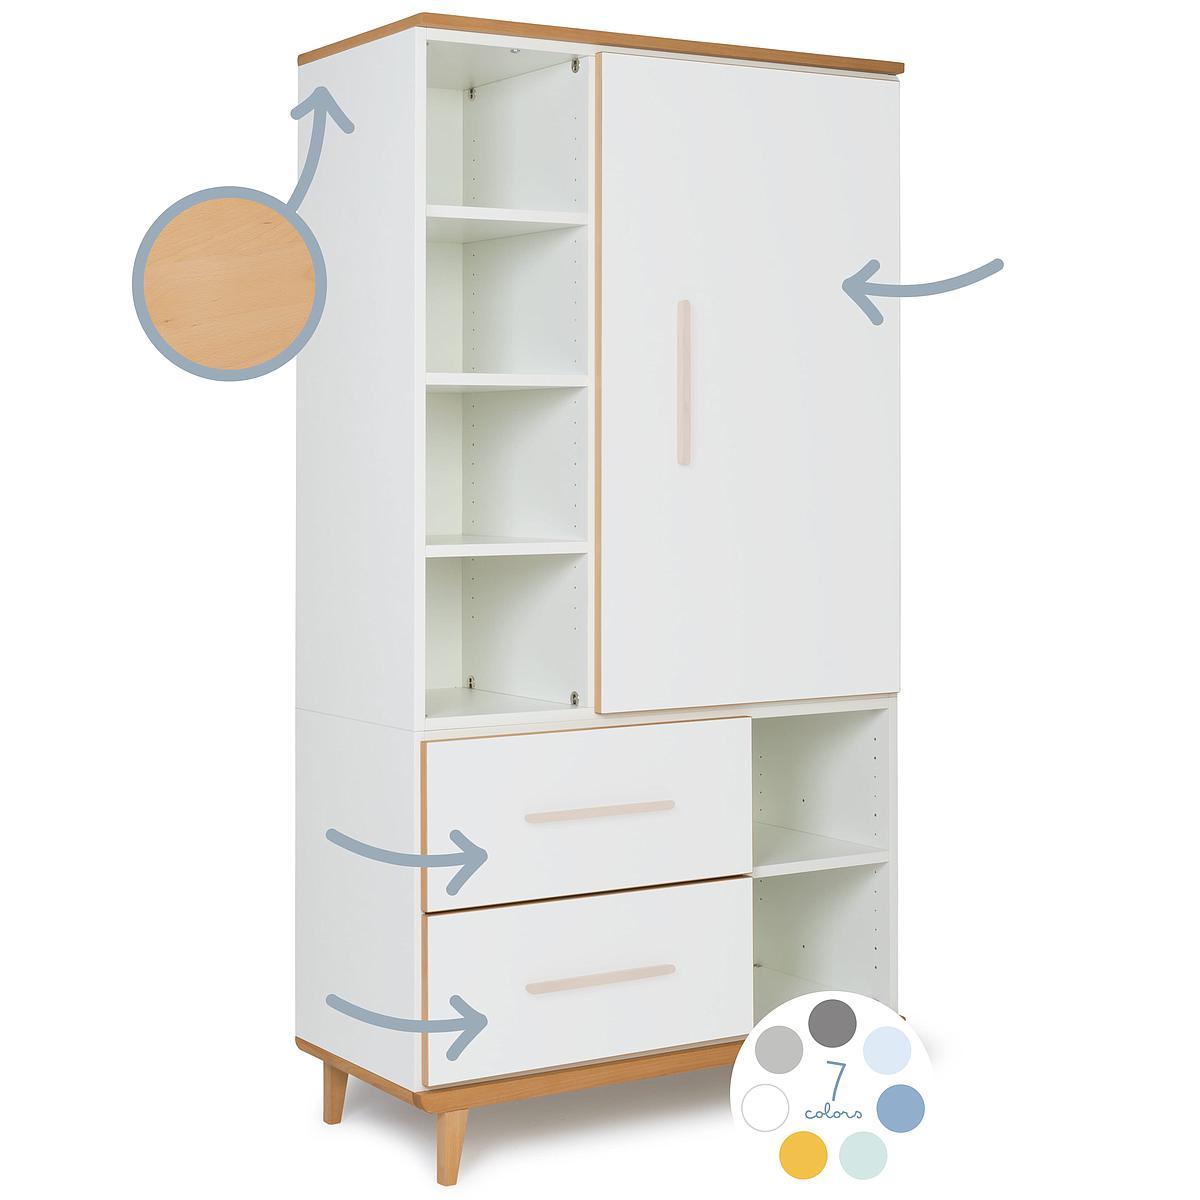 Kleiderschrank 173cm 1-türig 2 Schubladen ohne frontschubladen-tür NADO By A.K.